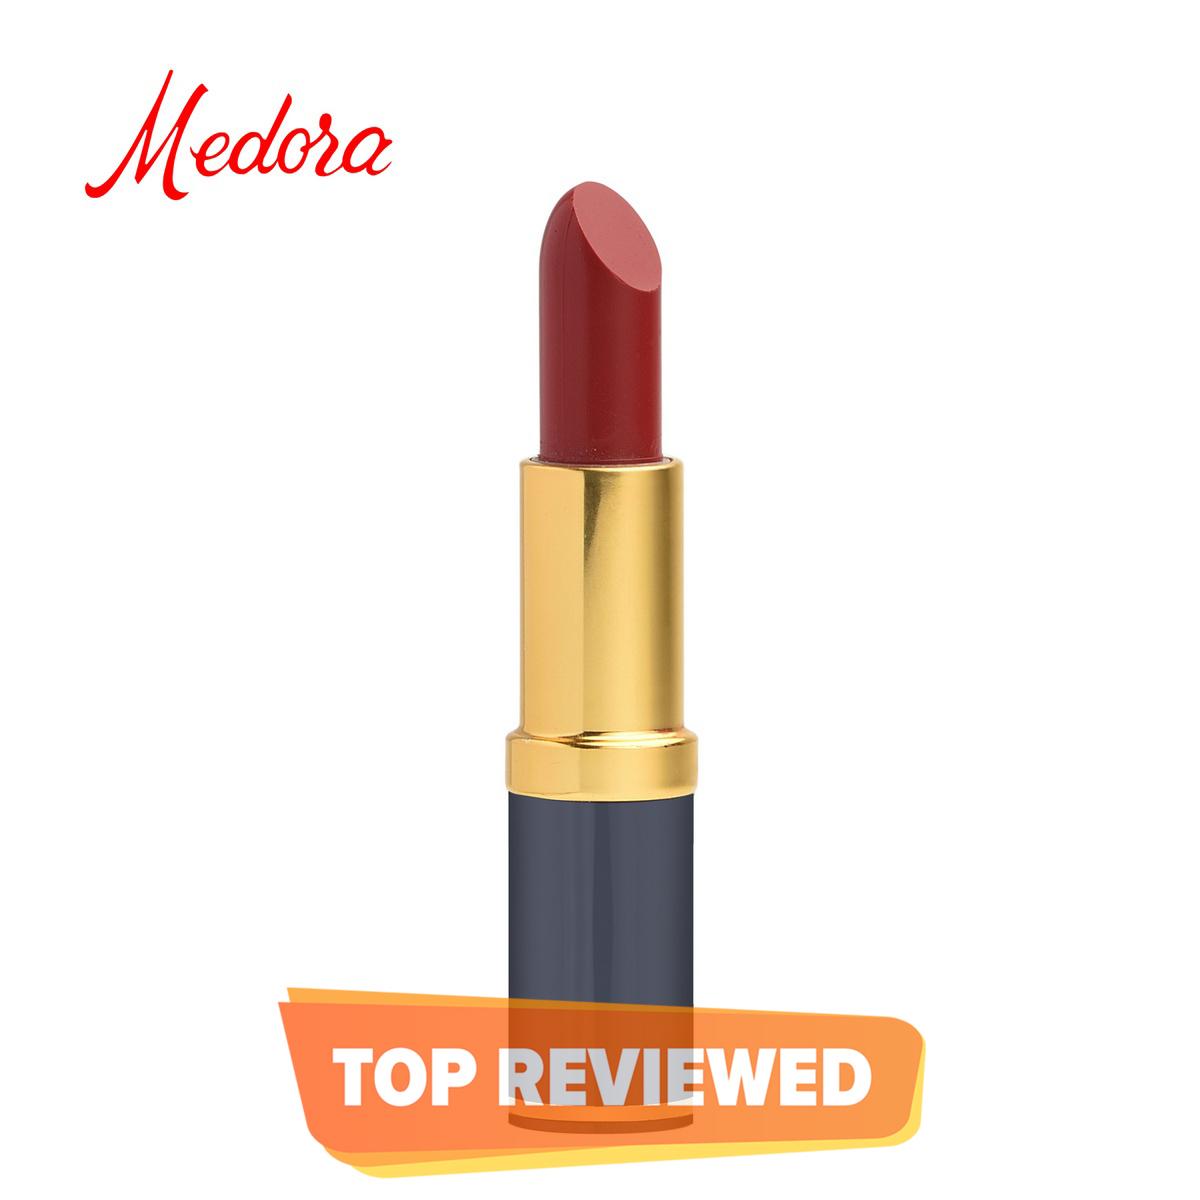 MEDORA Matte Lipstick- 283 TRUE RED